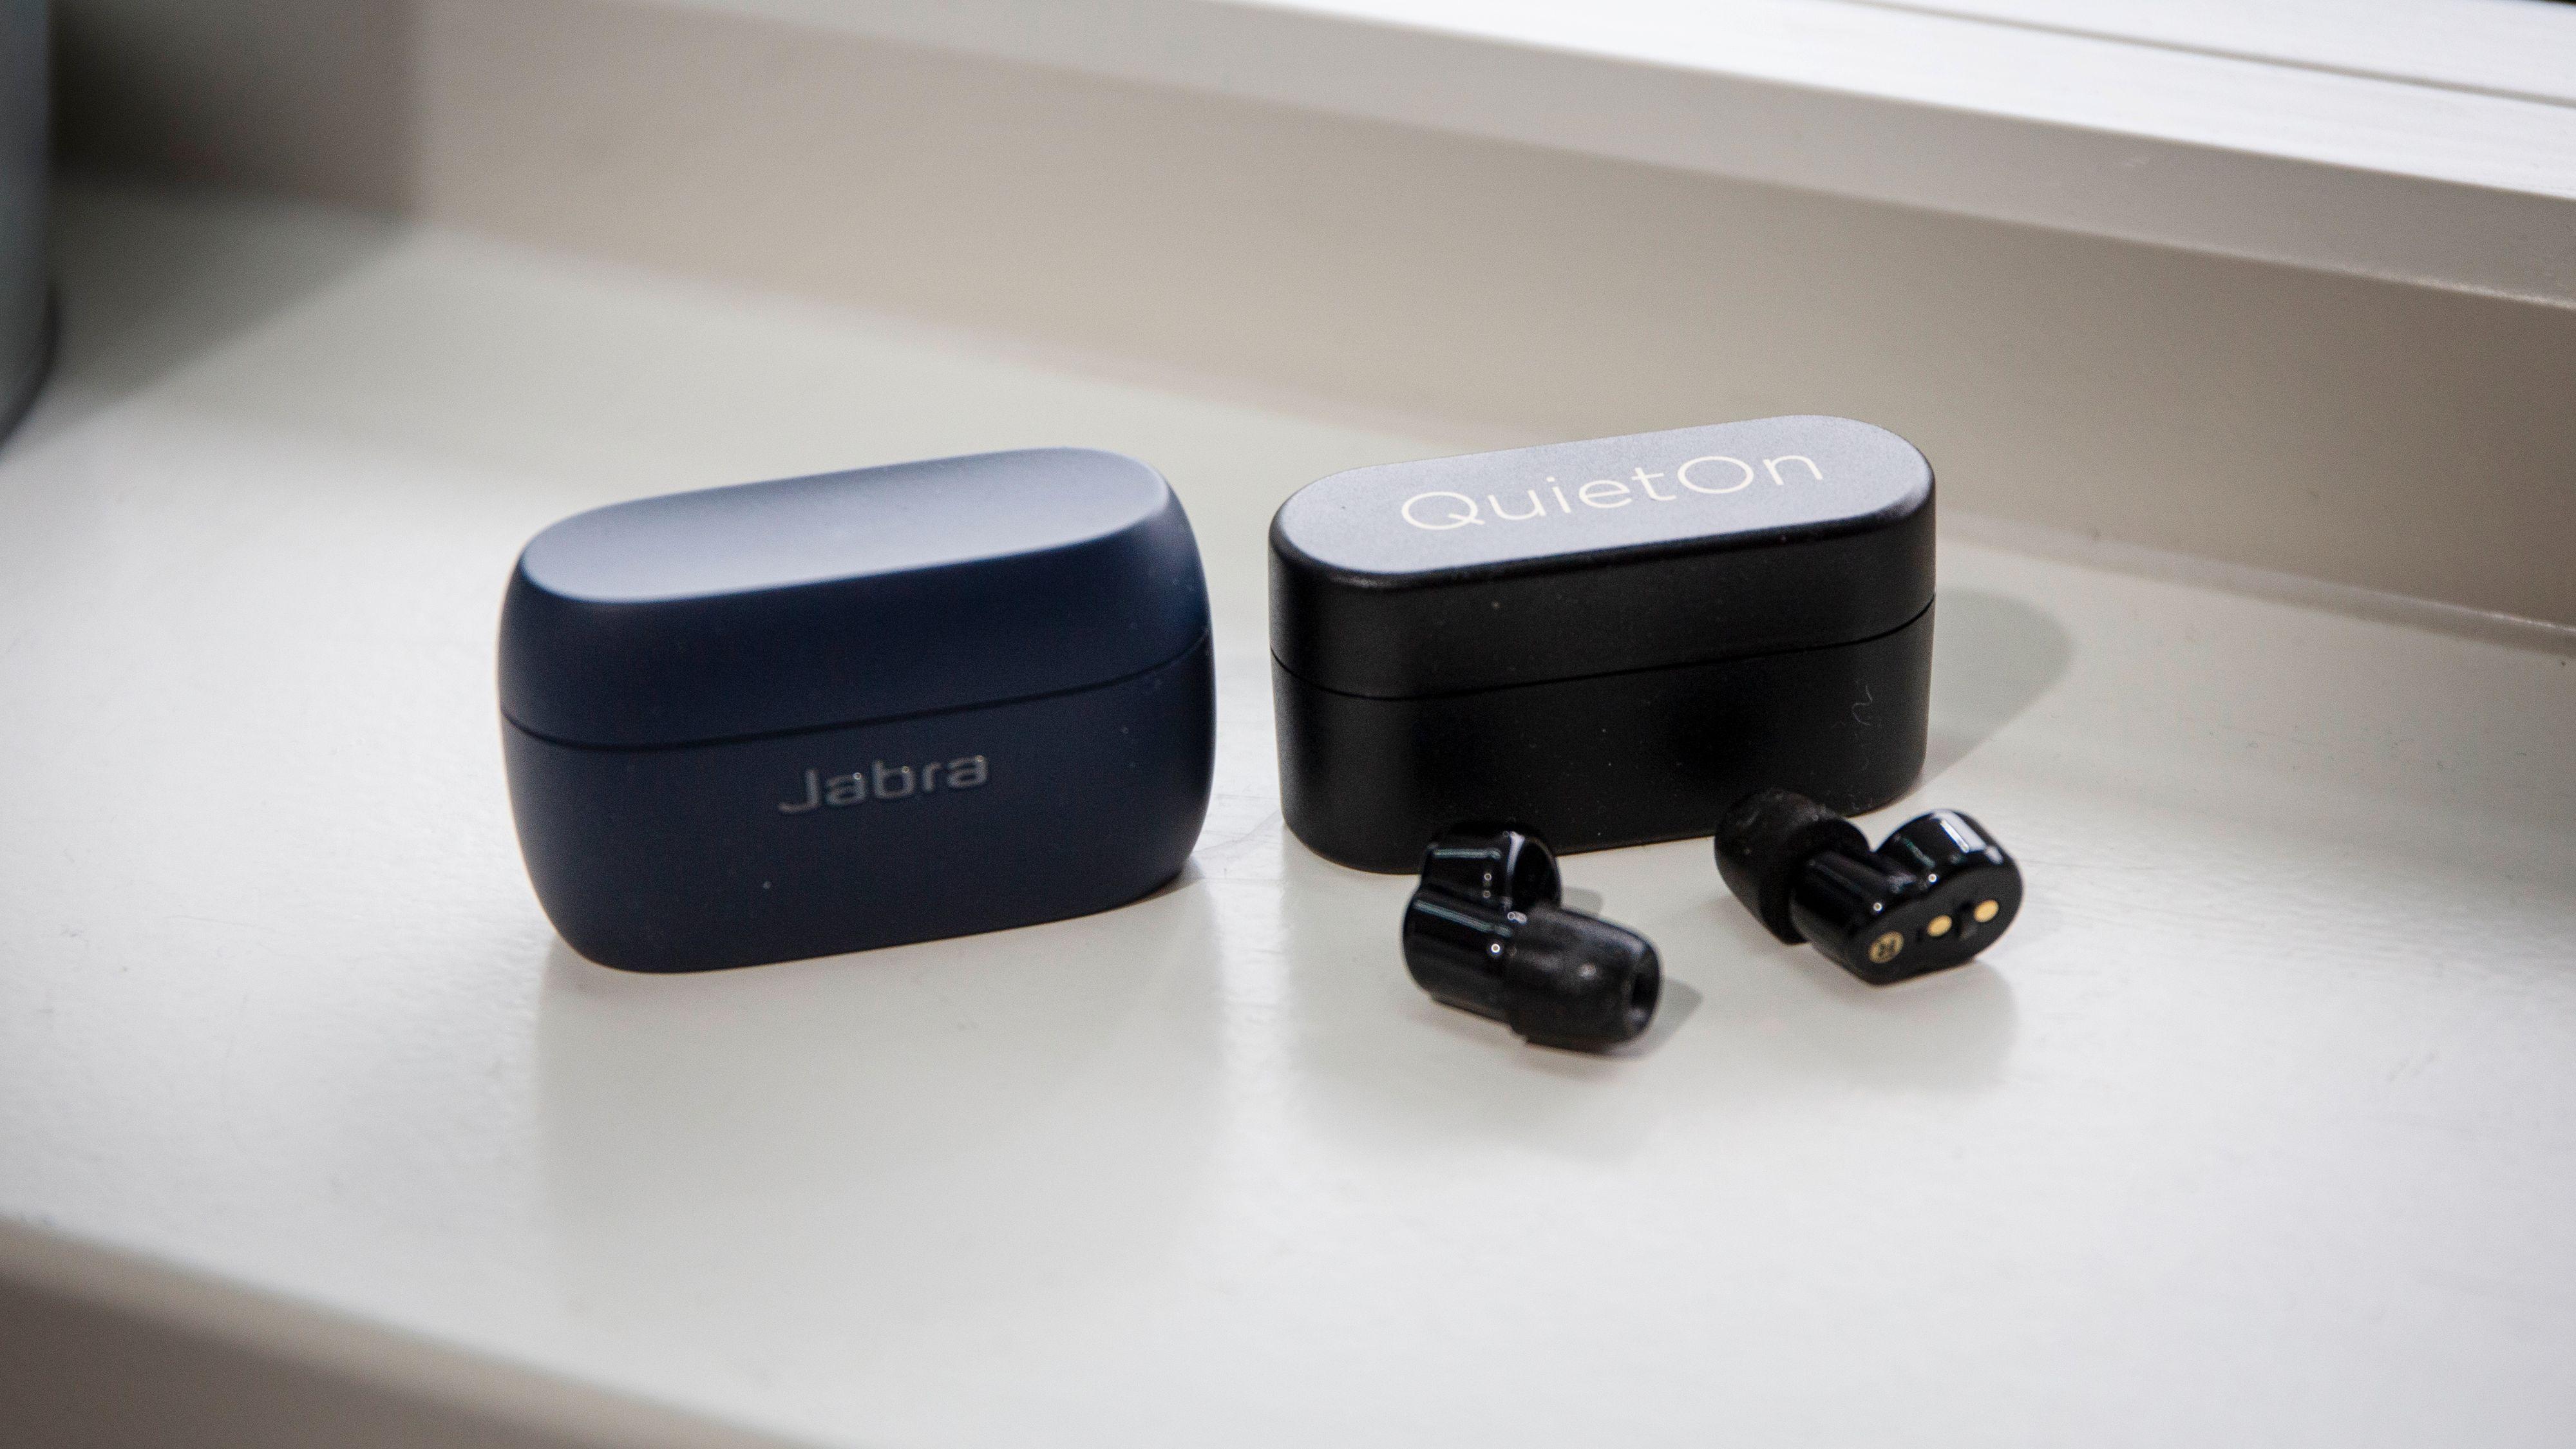 QuietOn-etuiet er mindre enn etuiene til de aller fleste true wireless-propper for musikk. Her med etuiet til Jabra Elite Active 75t, som er blant de mest kompakte der ute.